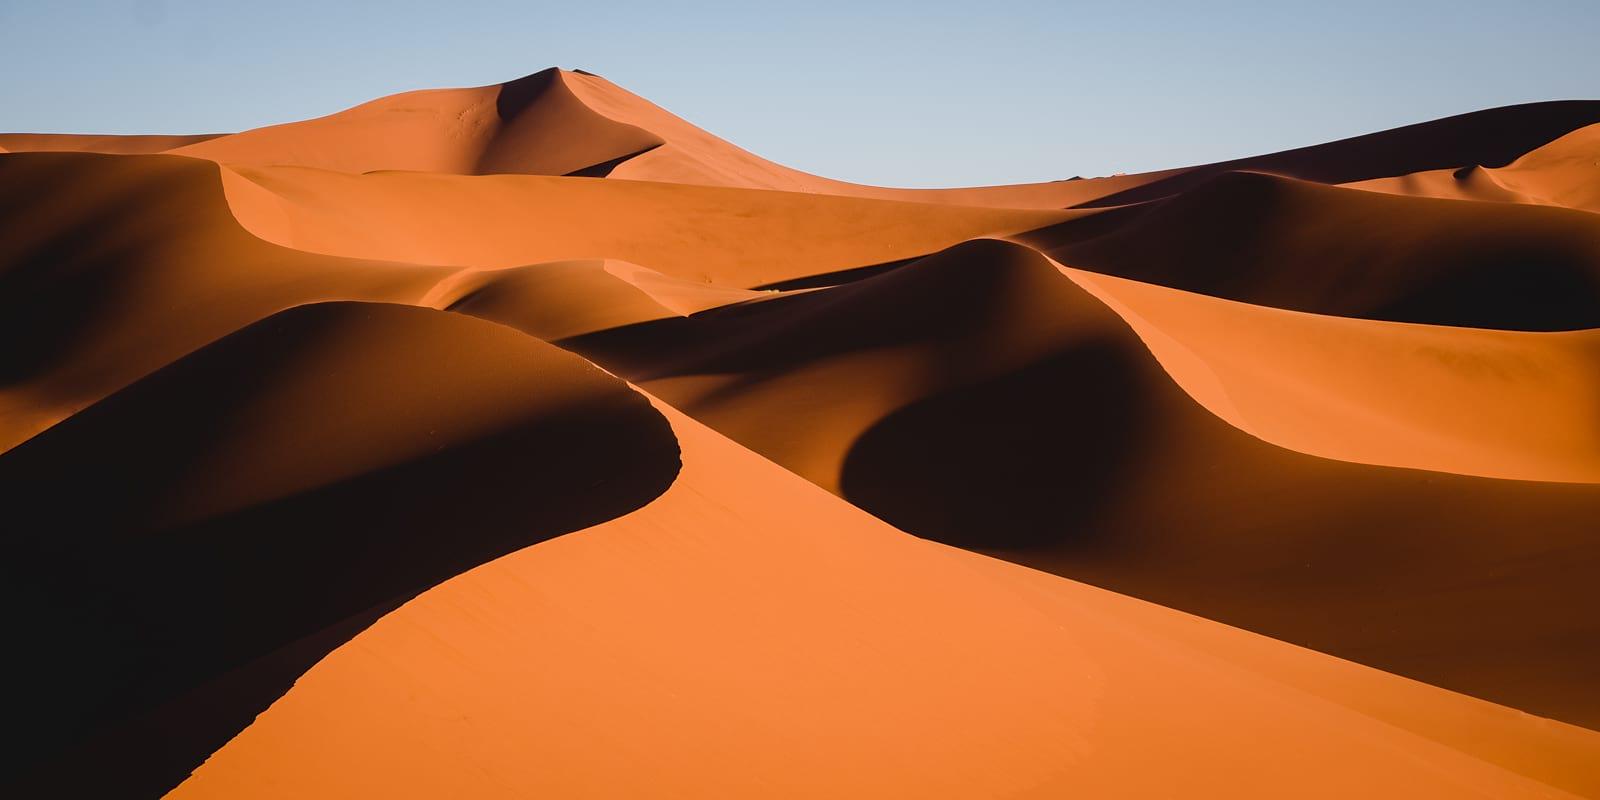 sossusvlei namib desert curves